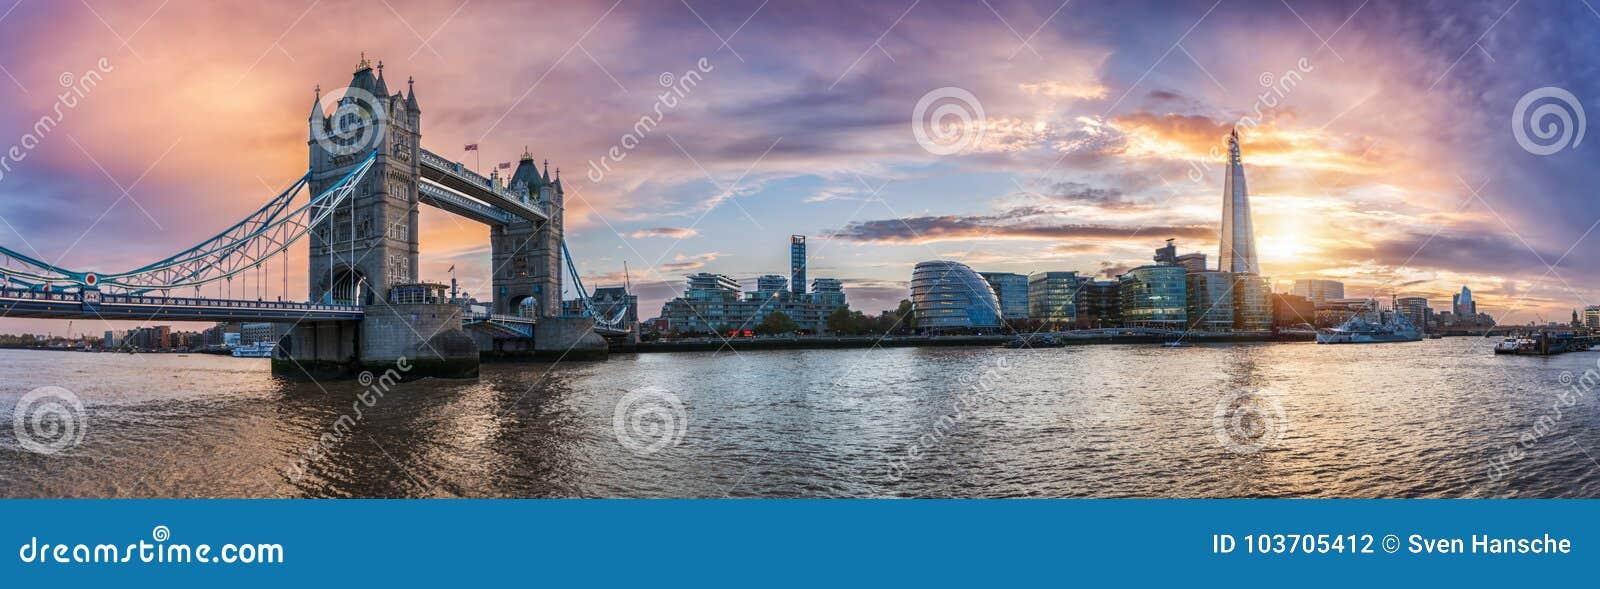 Πανόραμα από τη γέφυρα πύργων στον πύργο του Λονδίνου